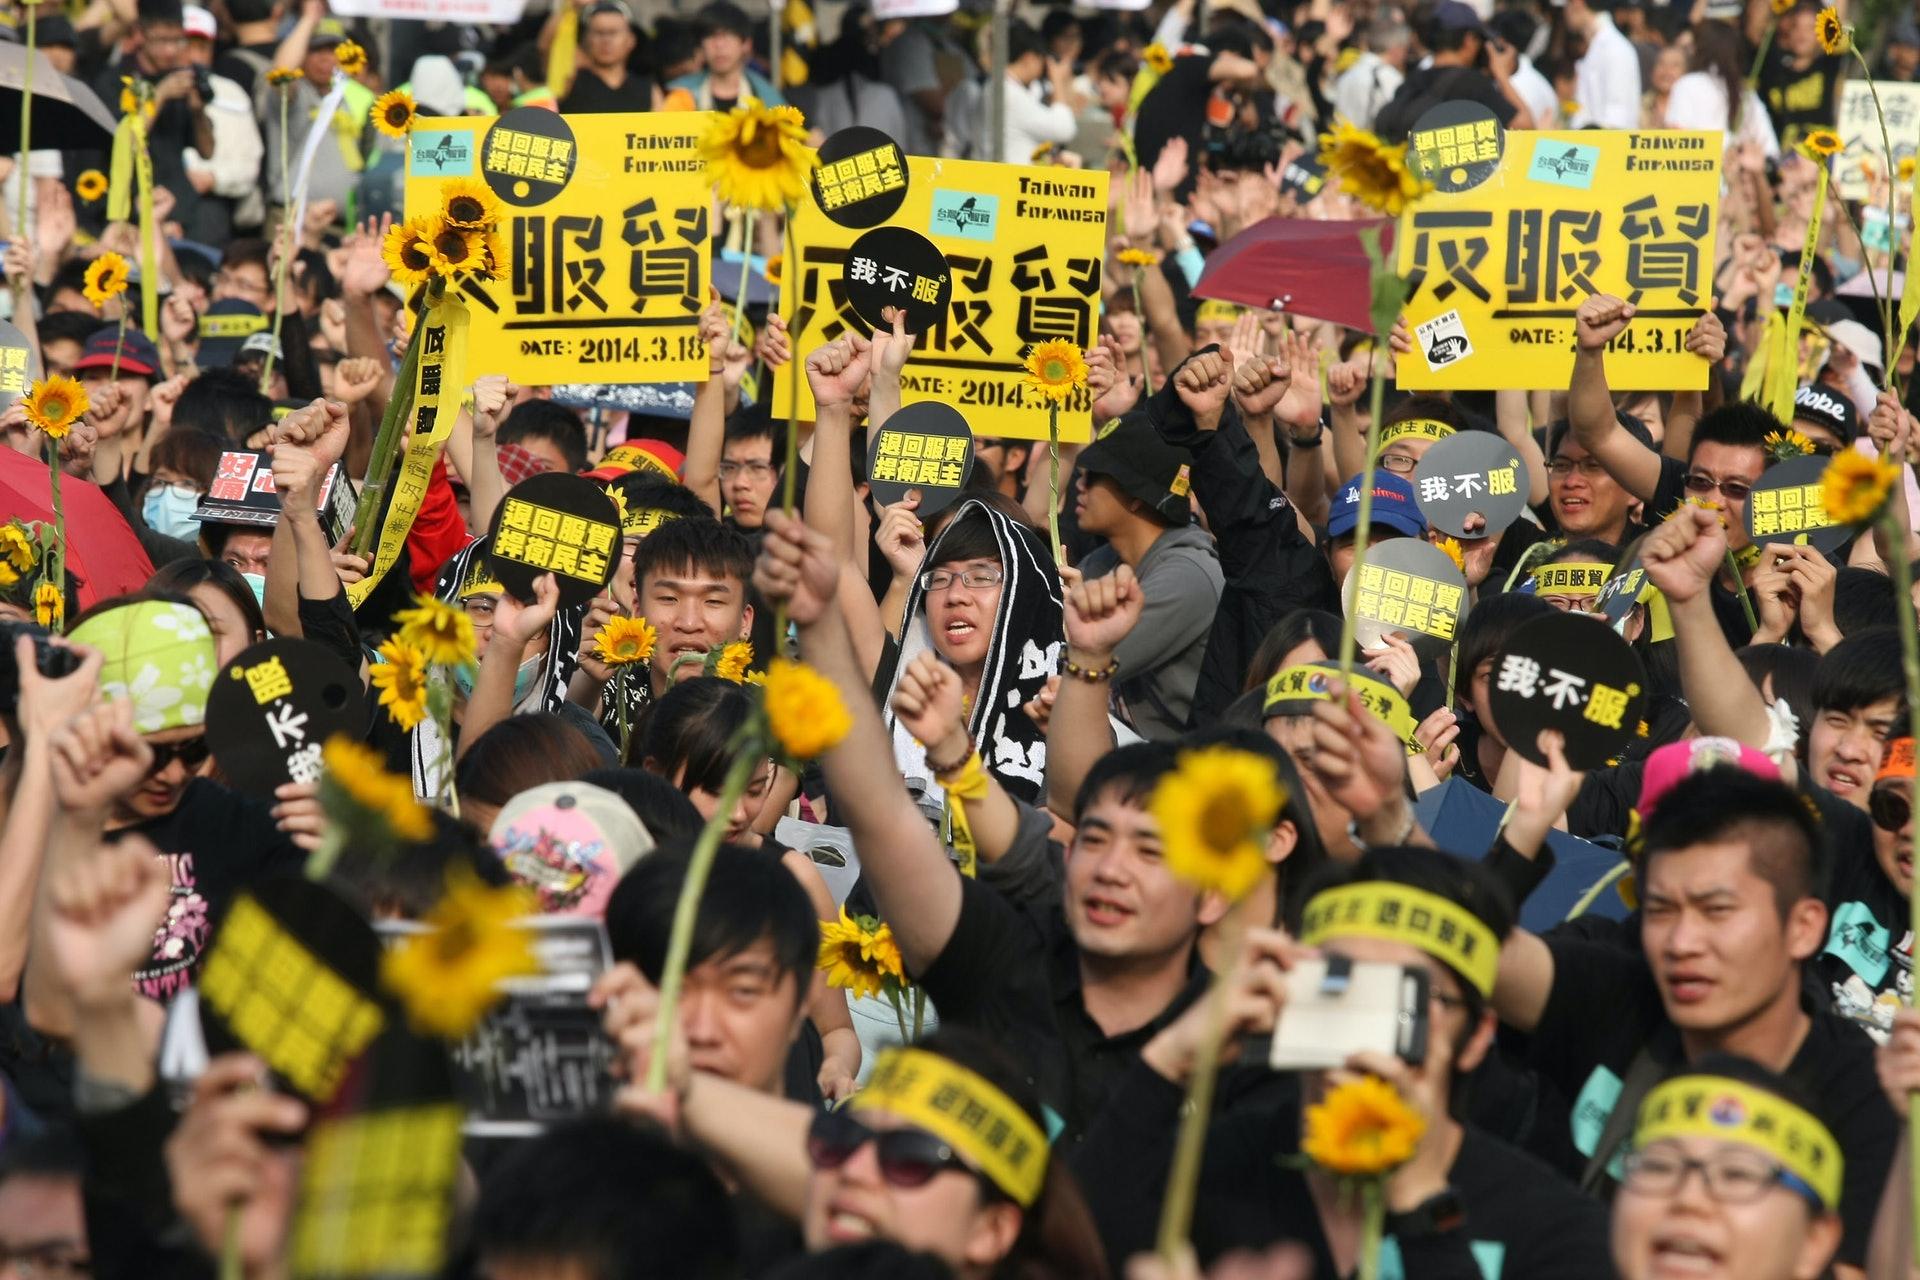 根据长期探讨台湾人认同问题的政治大学选举研究中心数据显示,「认同自己是台湾人」的比例整体趋势持续增加。(资料照片)